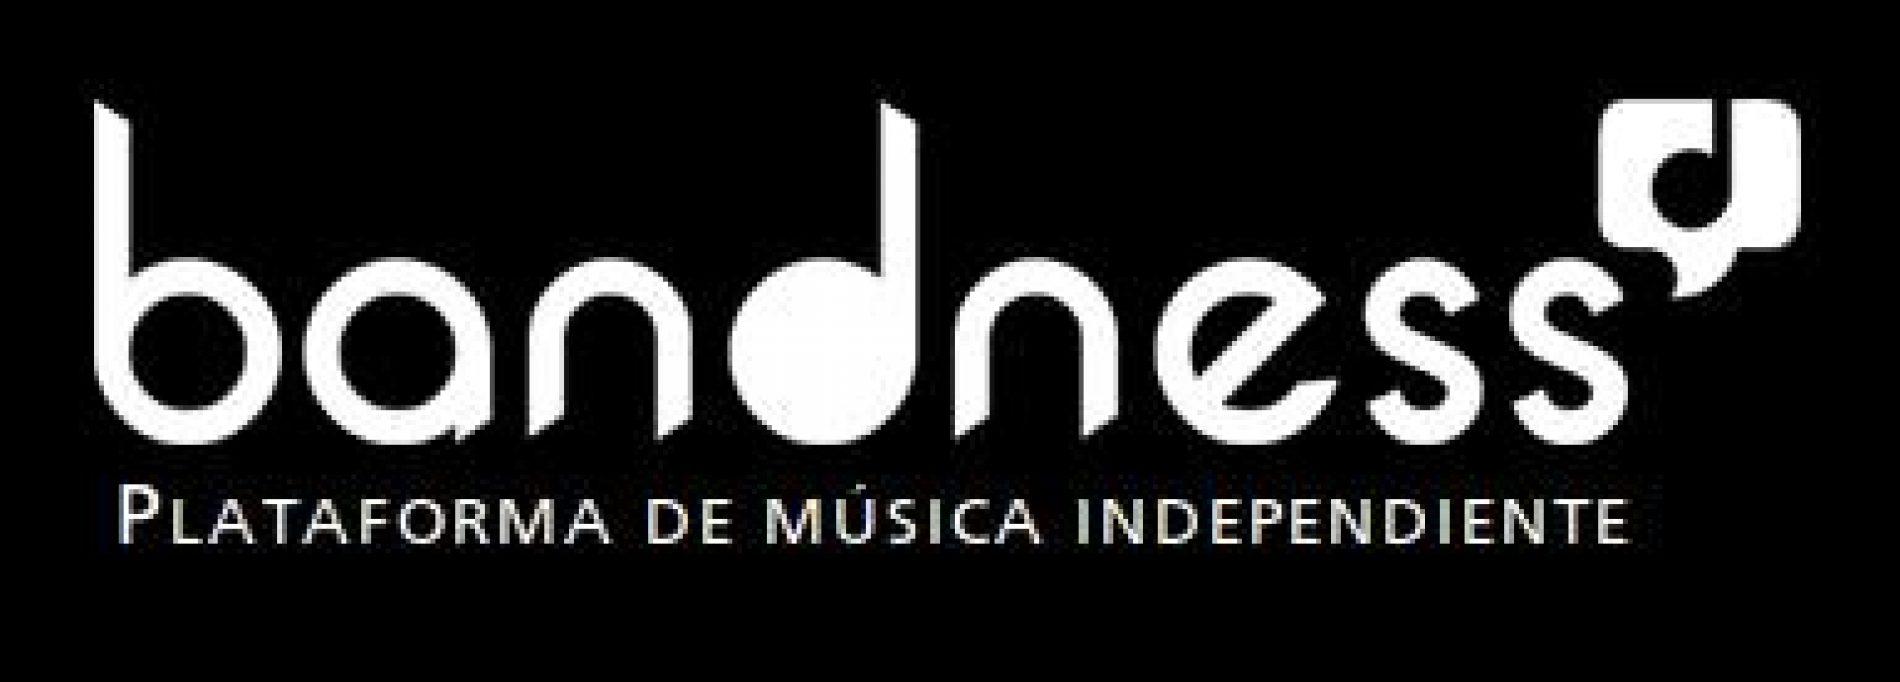 [Entrevista] Bandness, una plataforma musical para música independiente